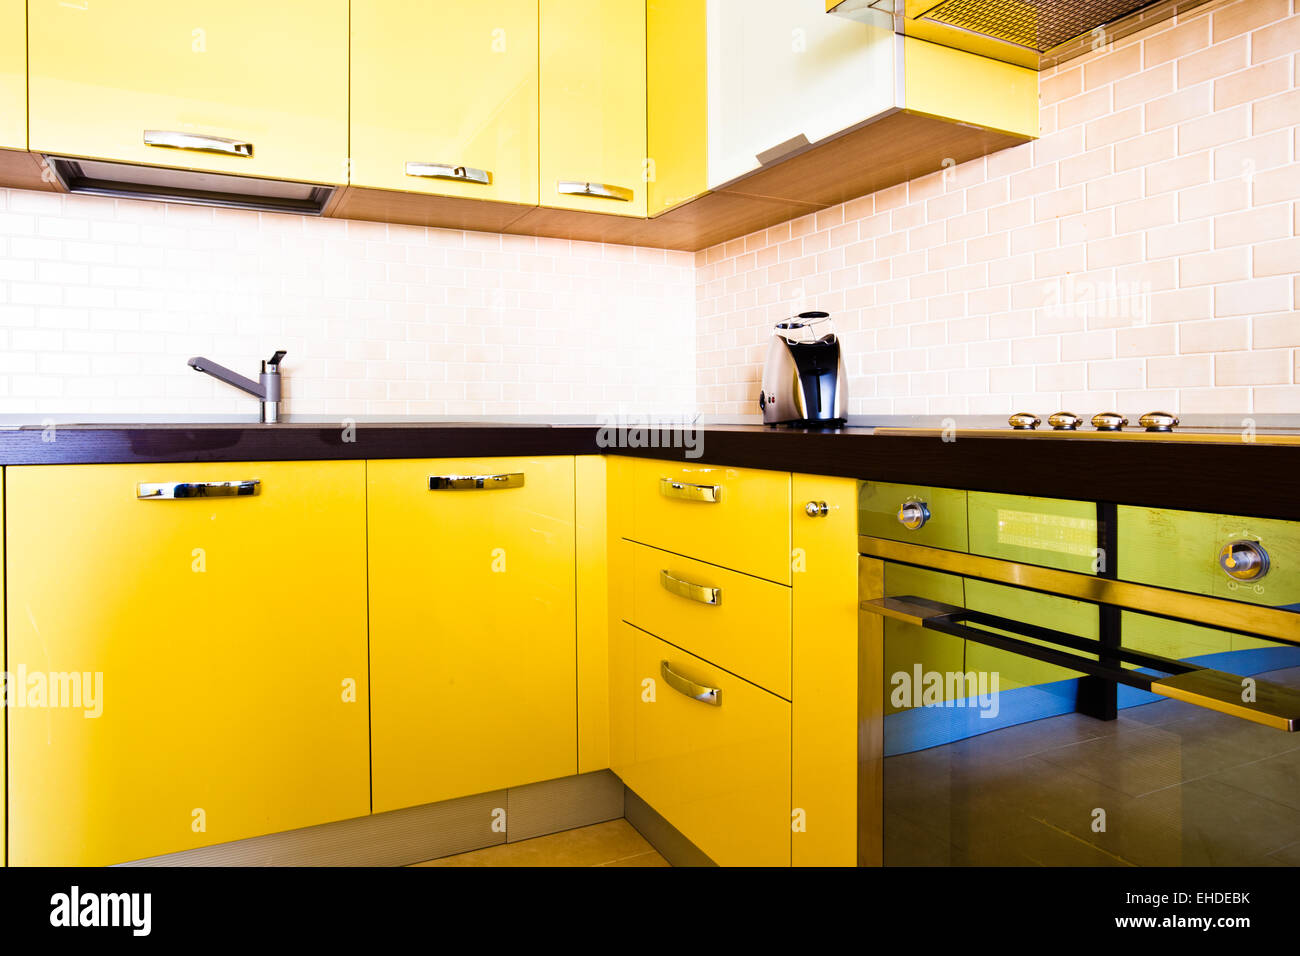 Gelbe Küche Interieur In Moderner Wohnung